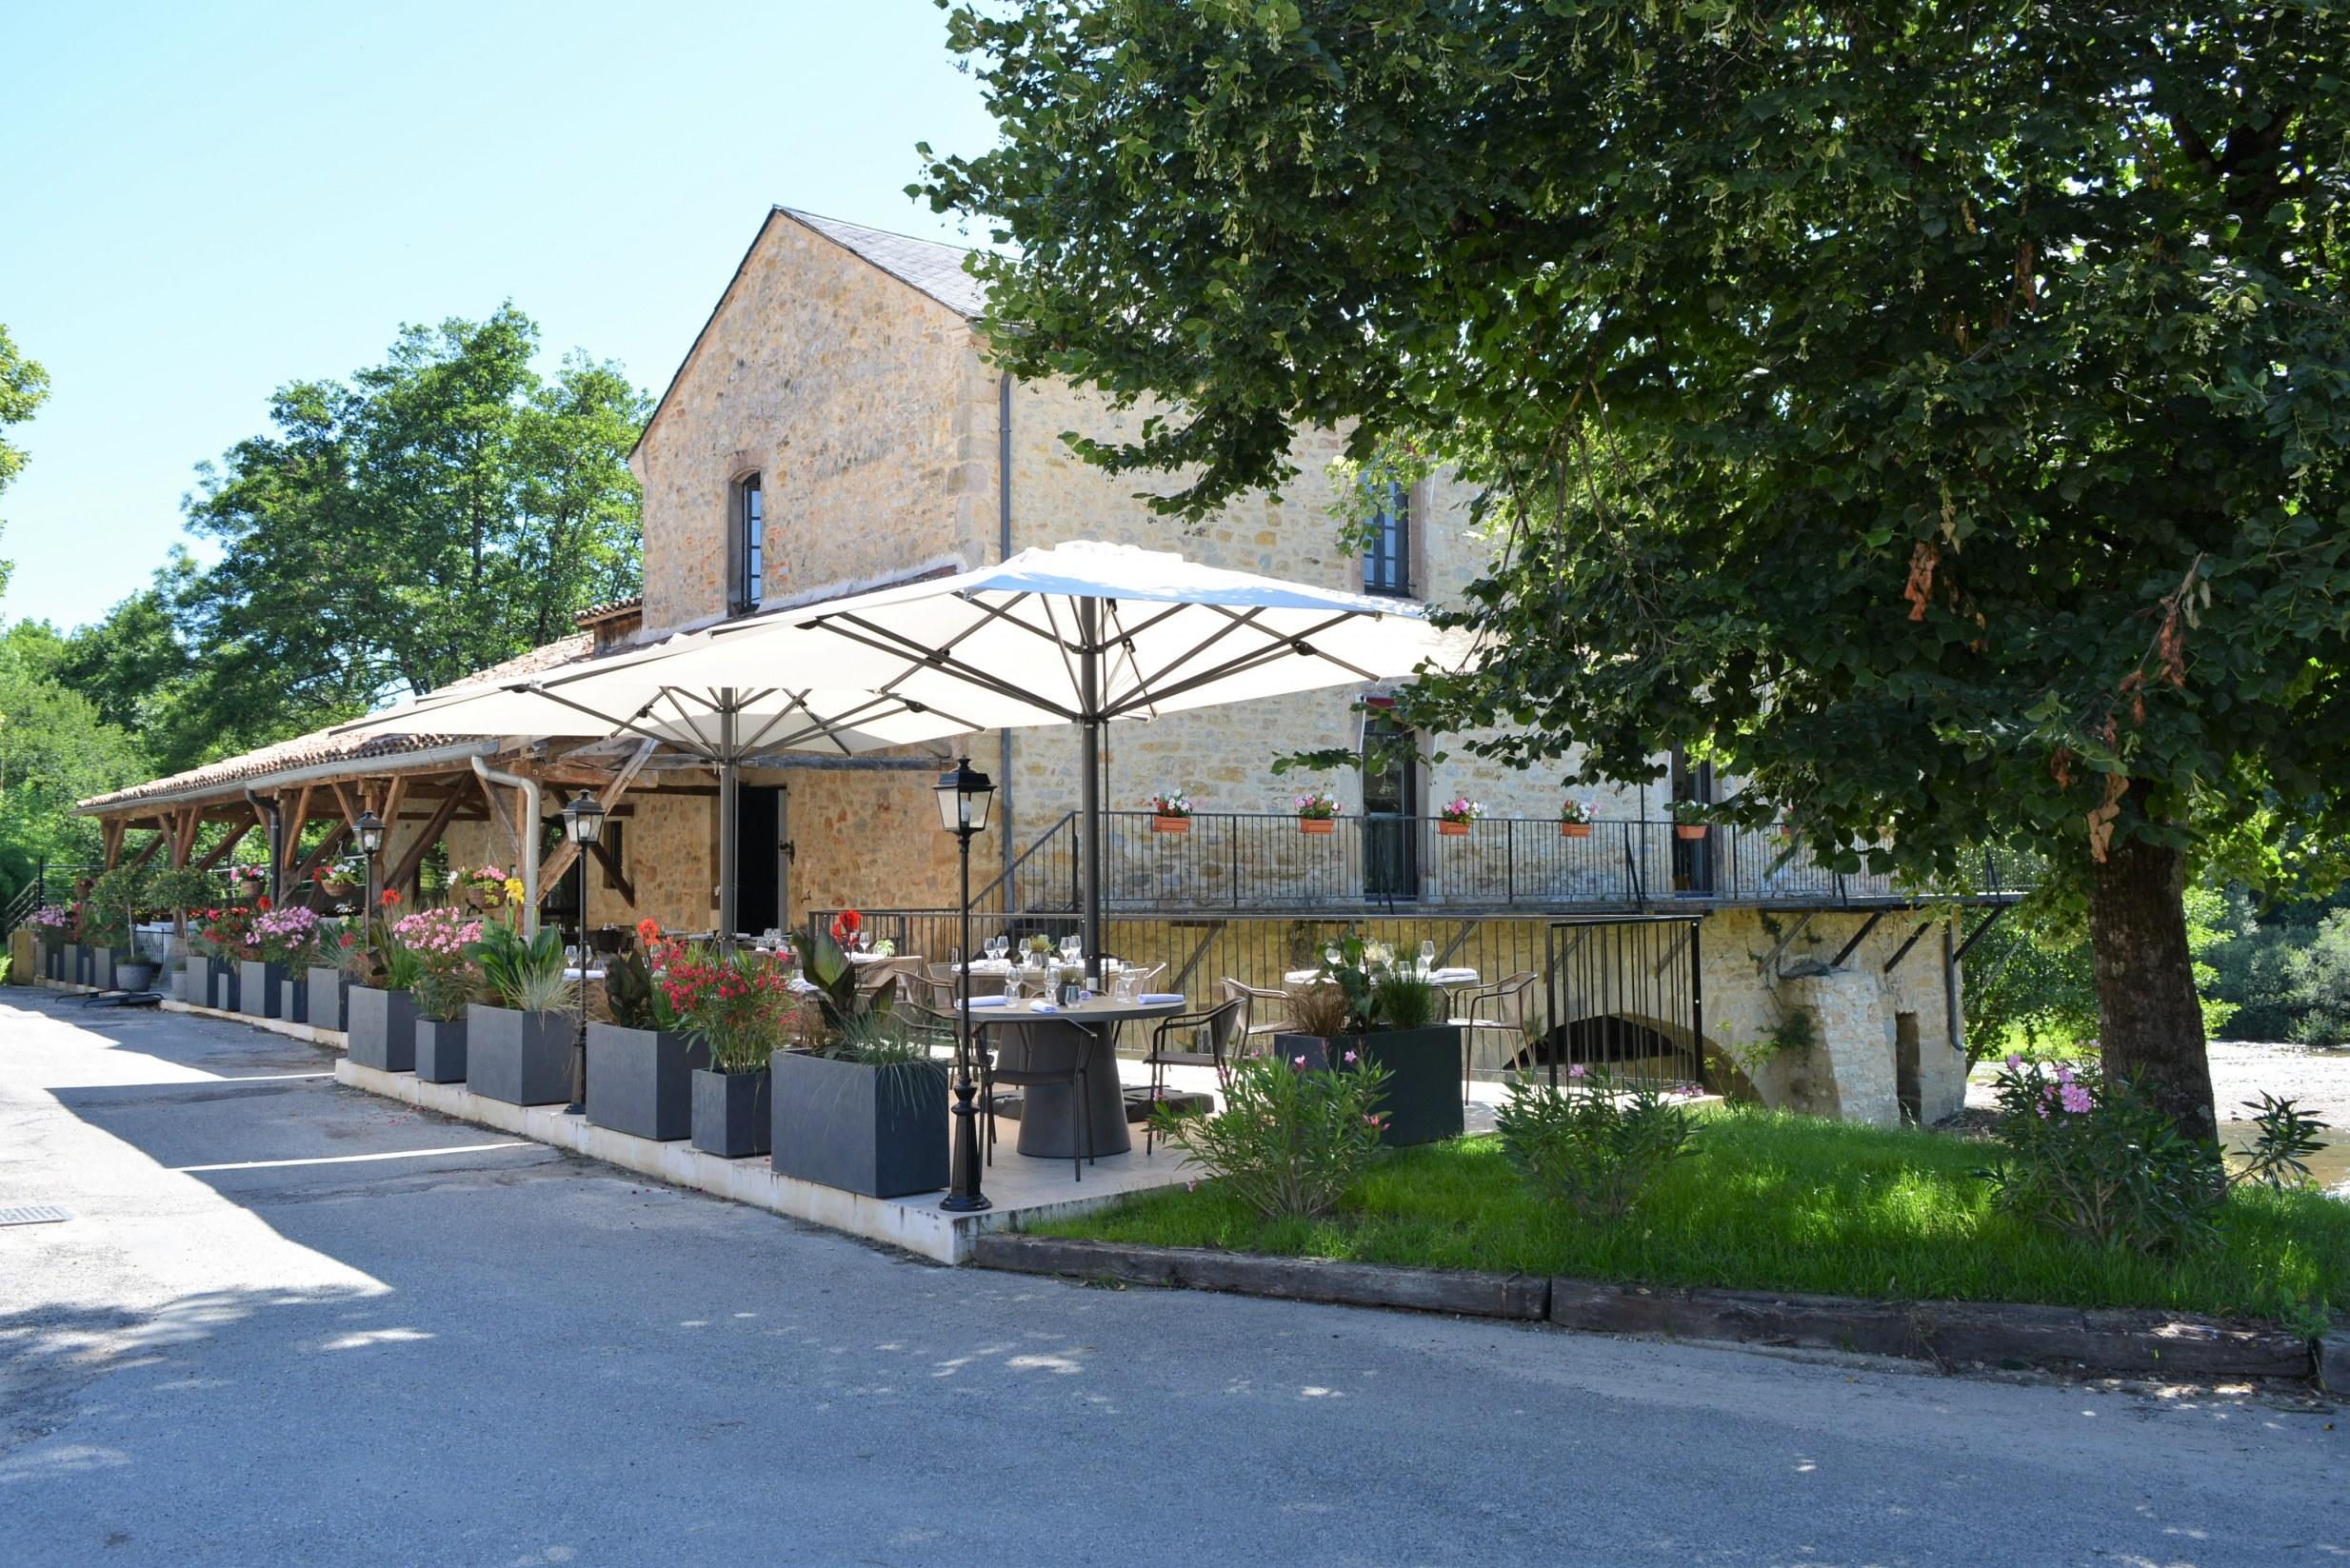 Le Moulin de Varen restaurant